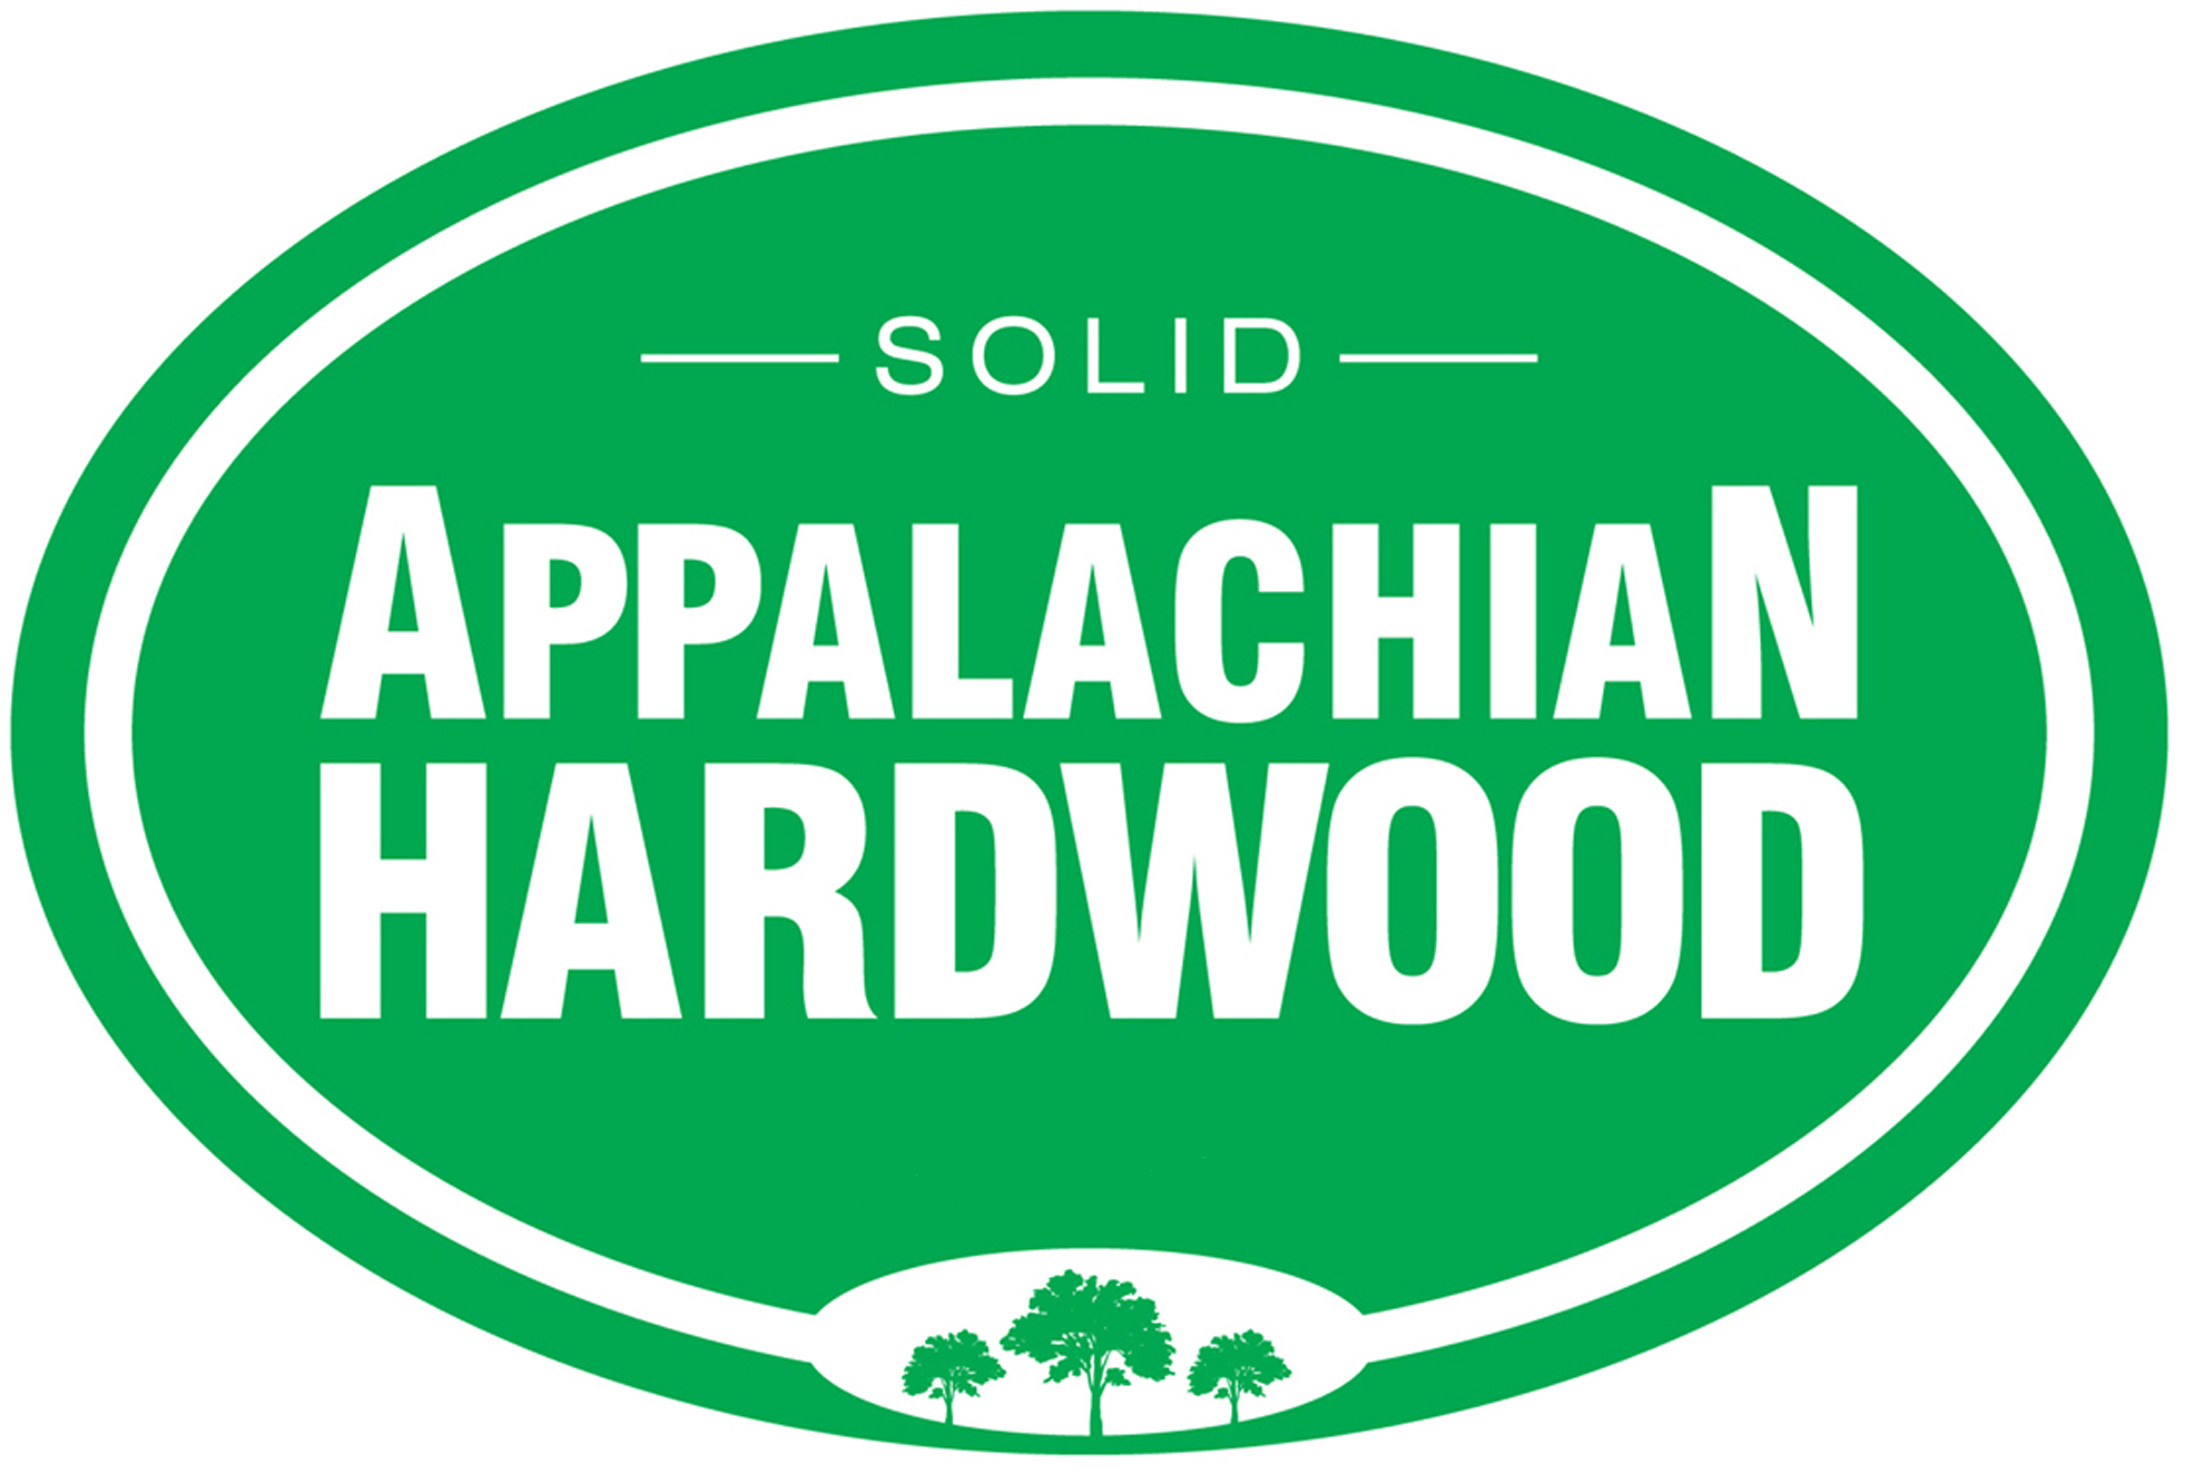 Appalachian Hardwood Manufacturers